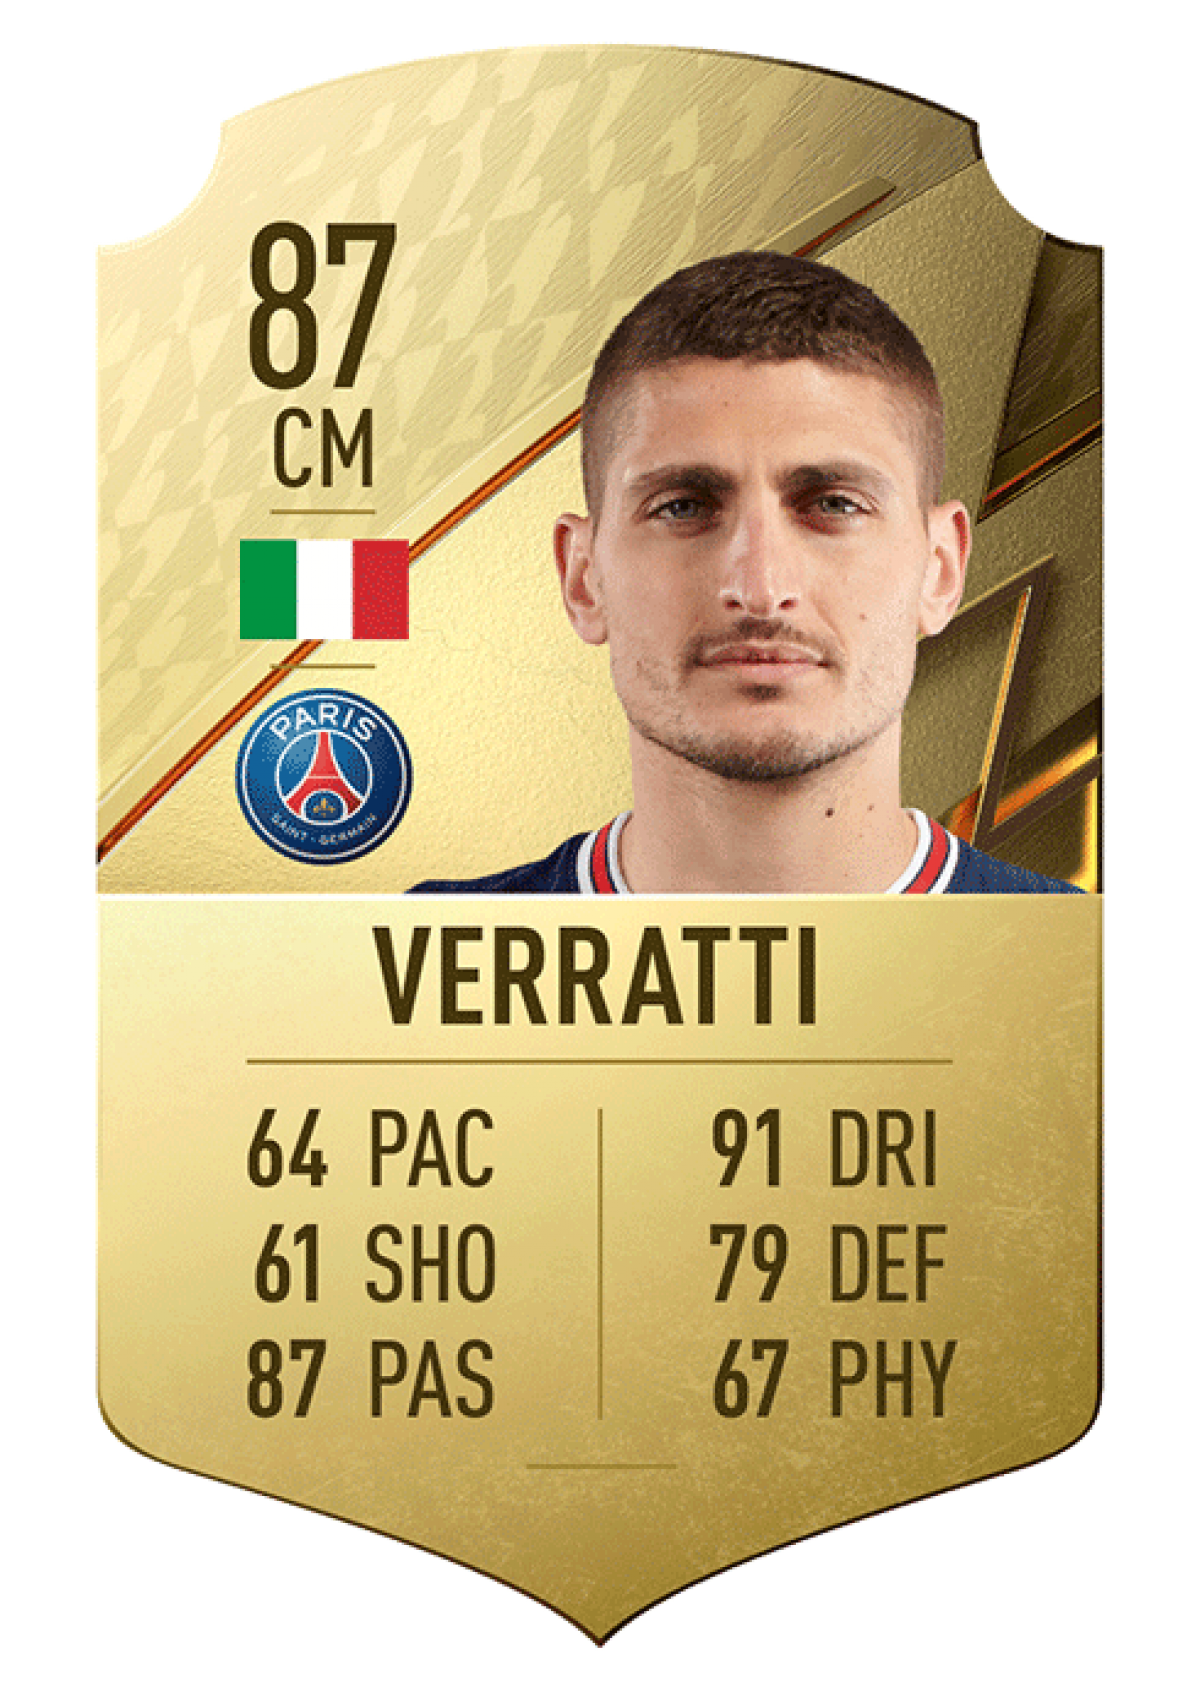 9. Marco Verratti   Paris Saint-Germain   Tiền vệ   Chỉ số chuyền bóng 87